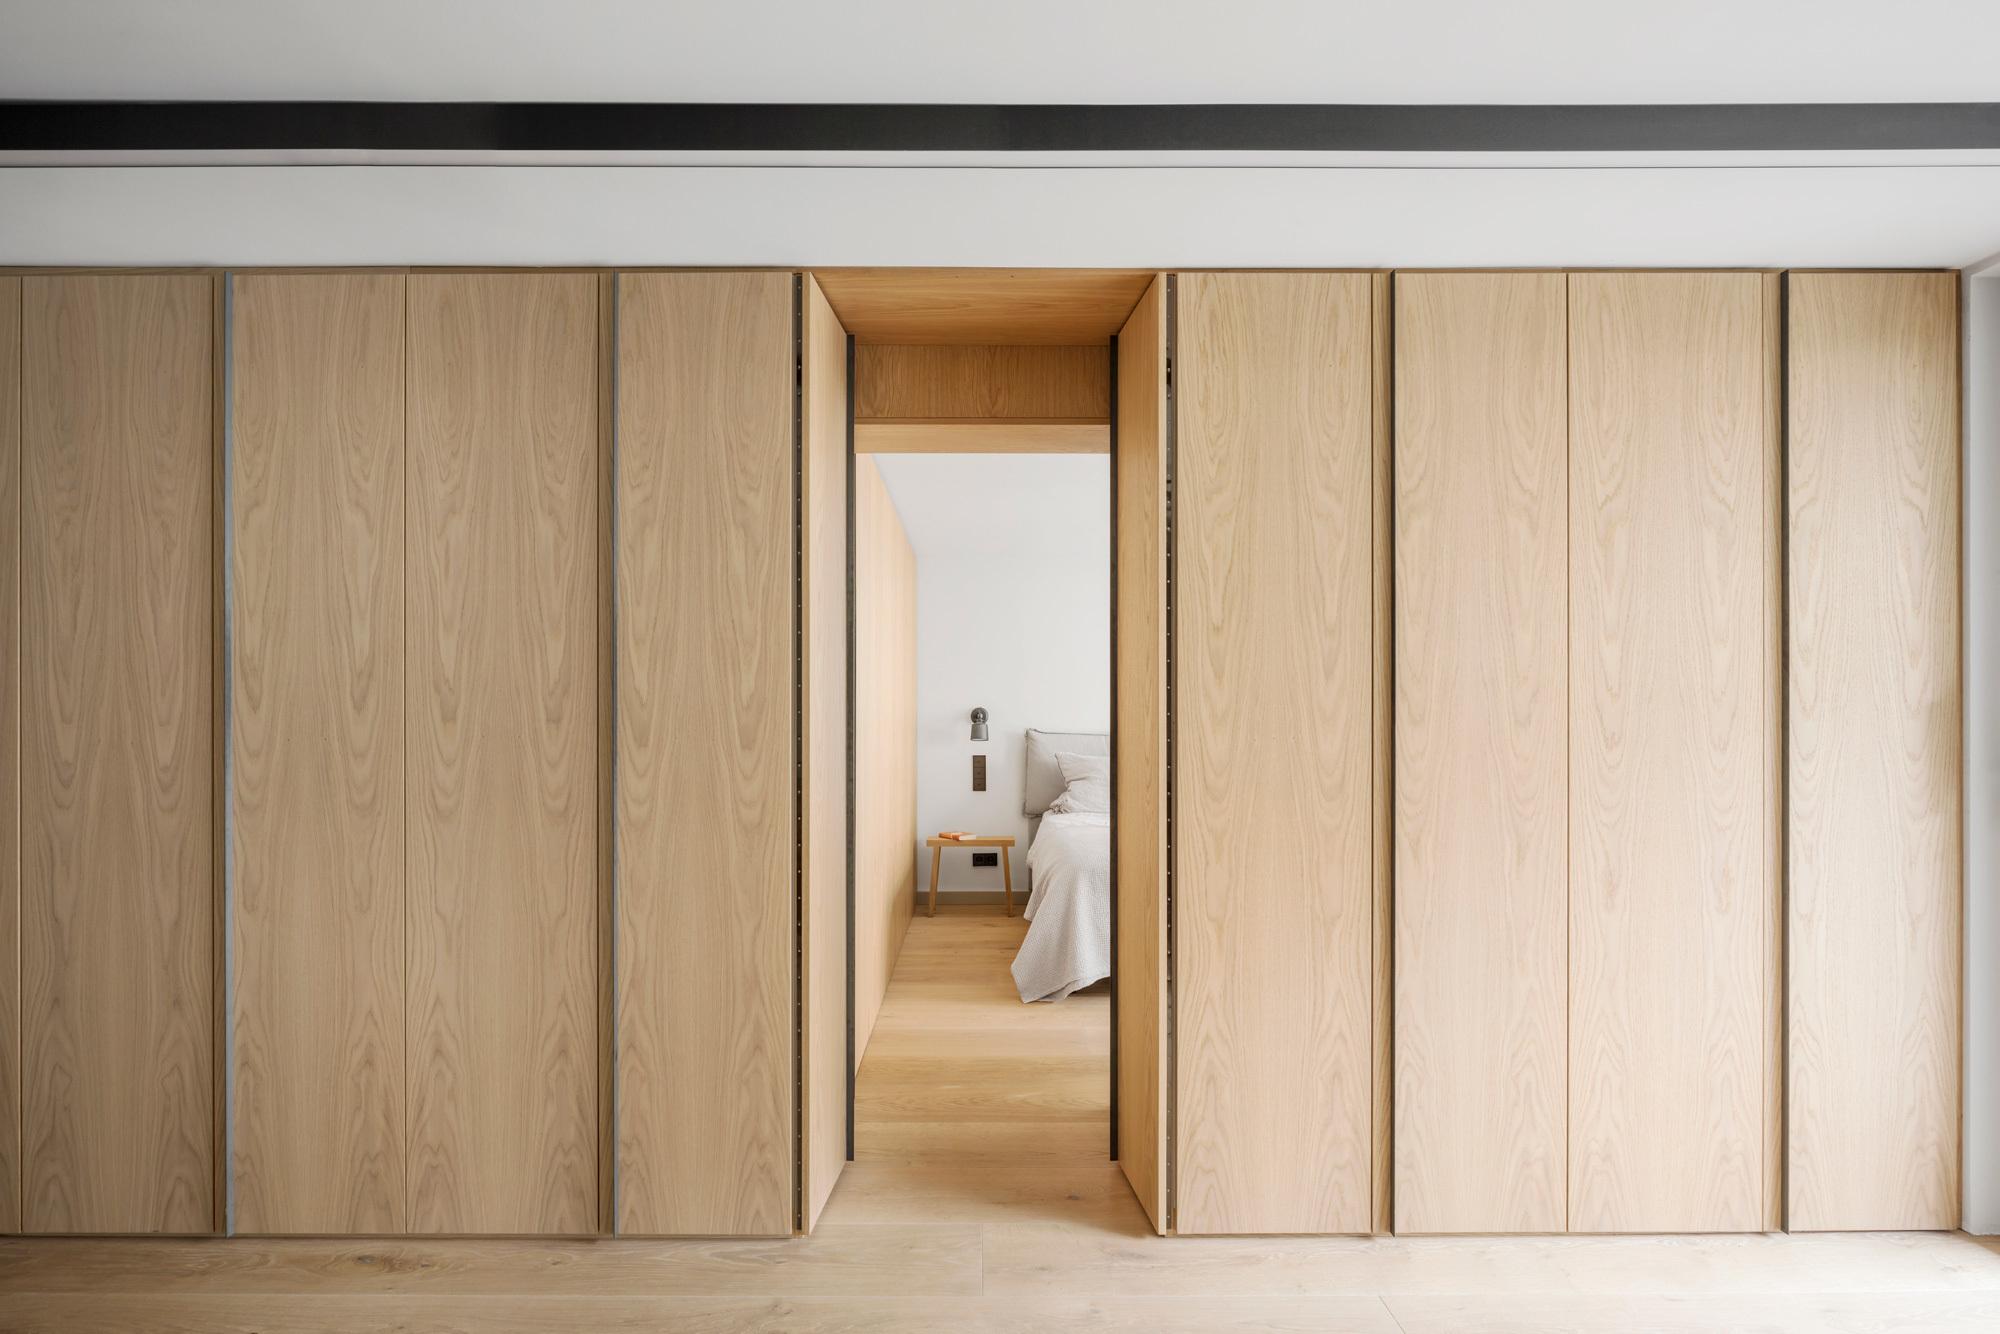 Hinter den maßgeschneiderten Möbeleinbauten aus aufgehellter Eiche liegt das Schlafzimmer.